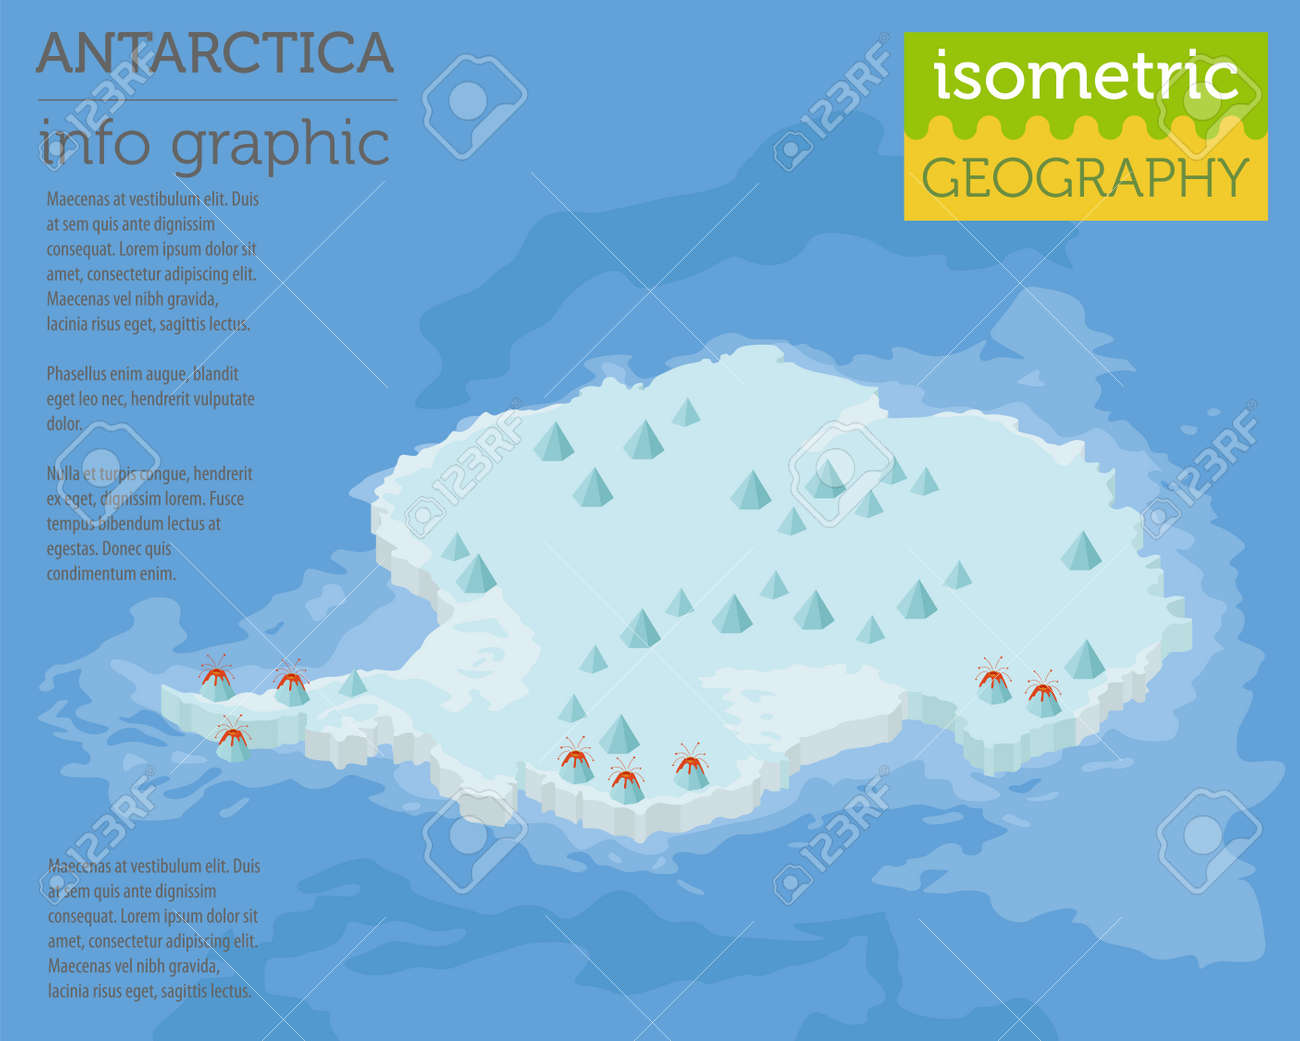 Elementos De Mapa Fisico Isometrico Da Antartida 3d Crie Sua